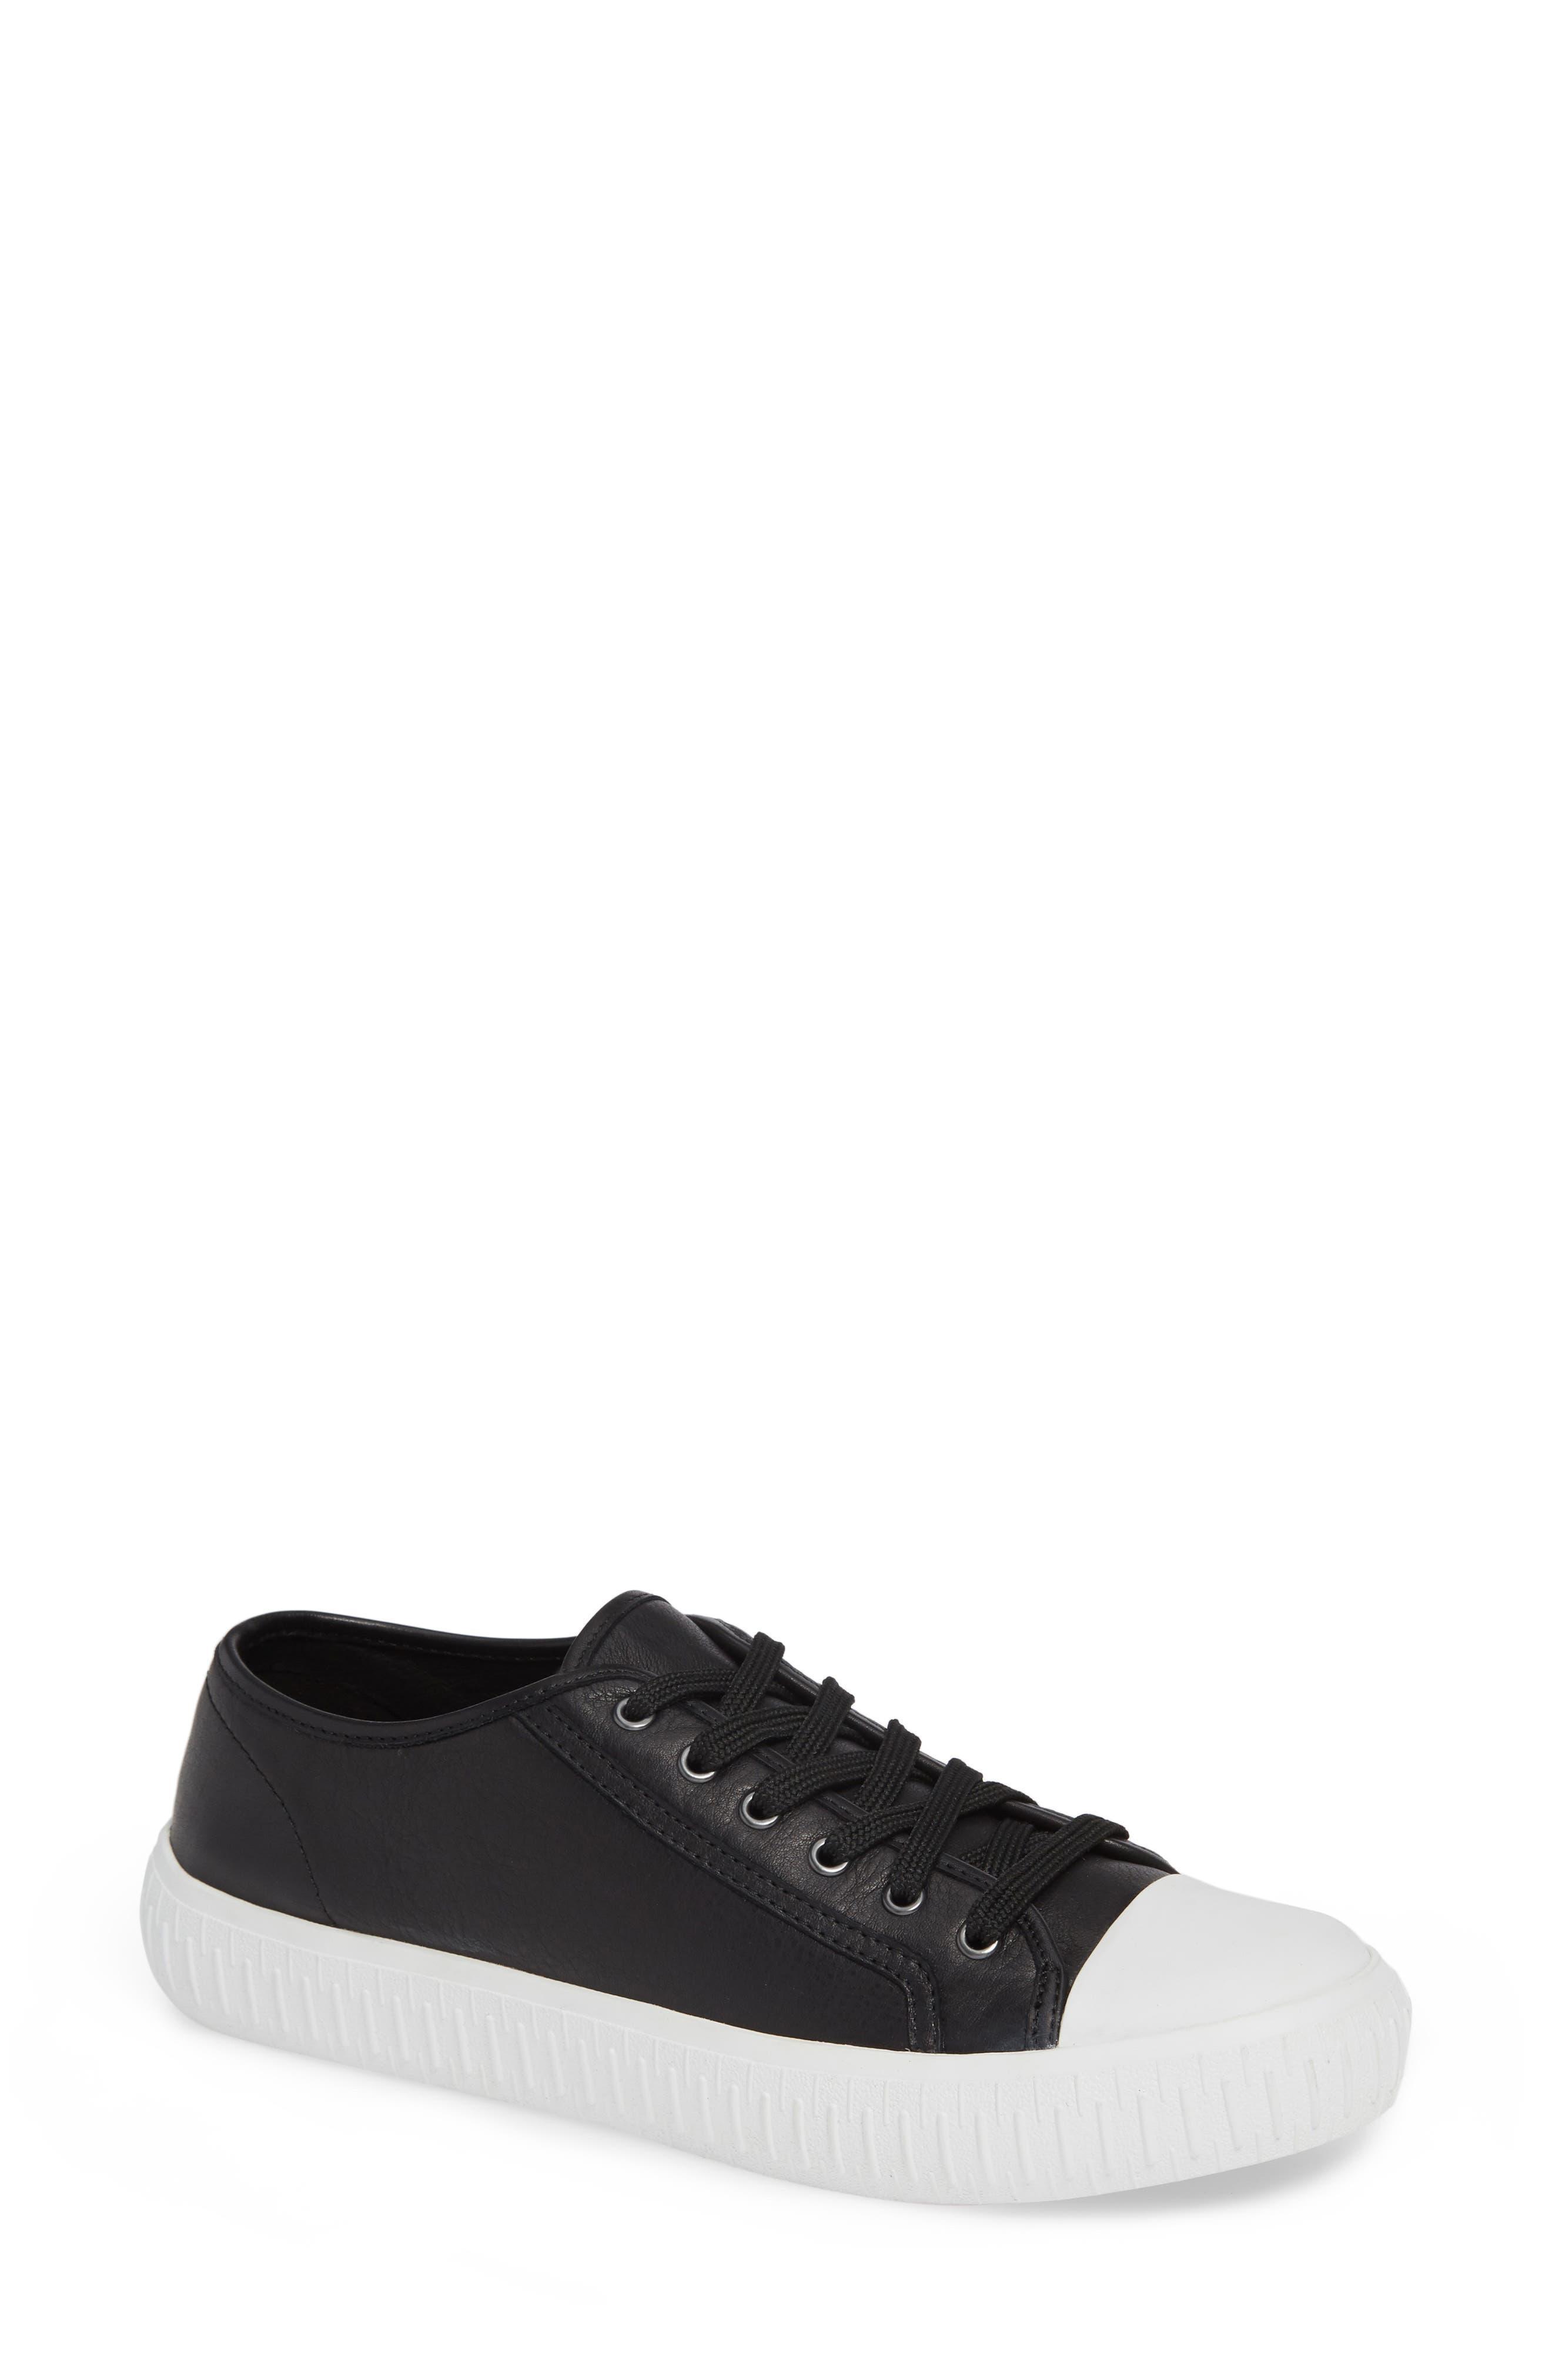 Eileen Fisher Nod Sneaker- Black